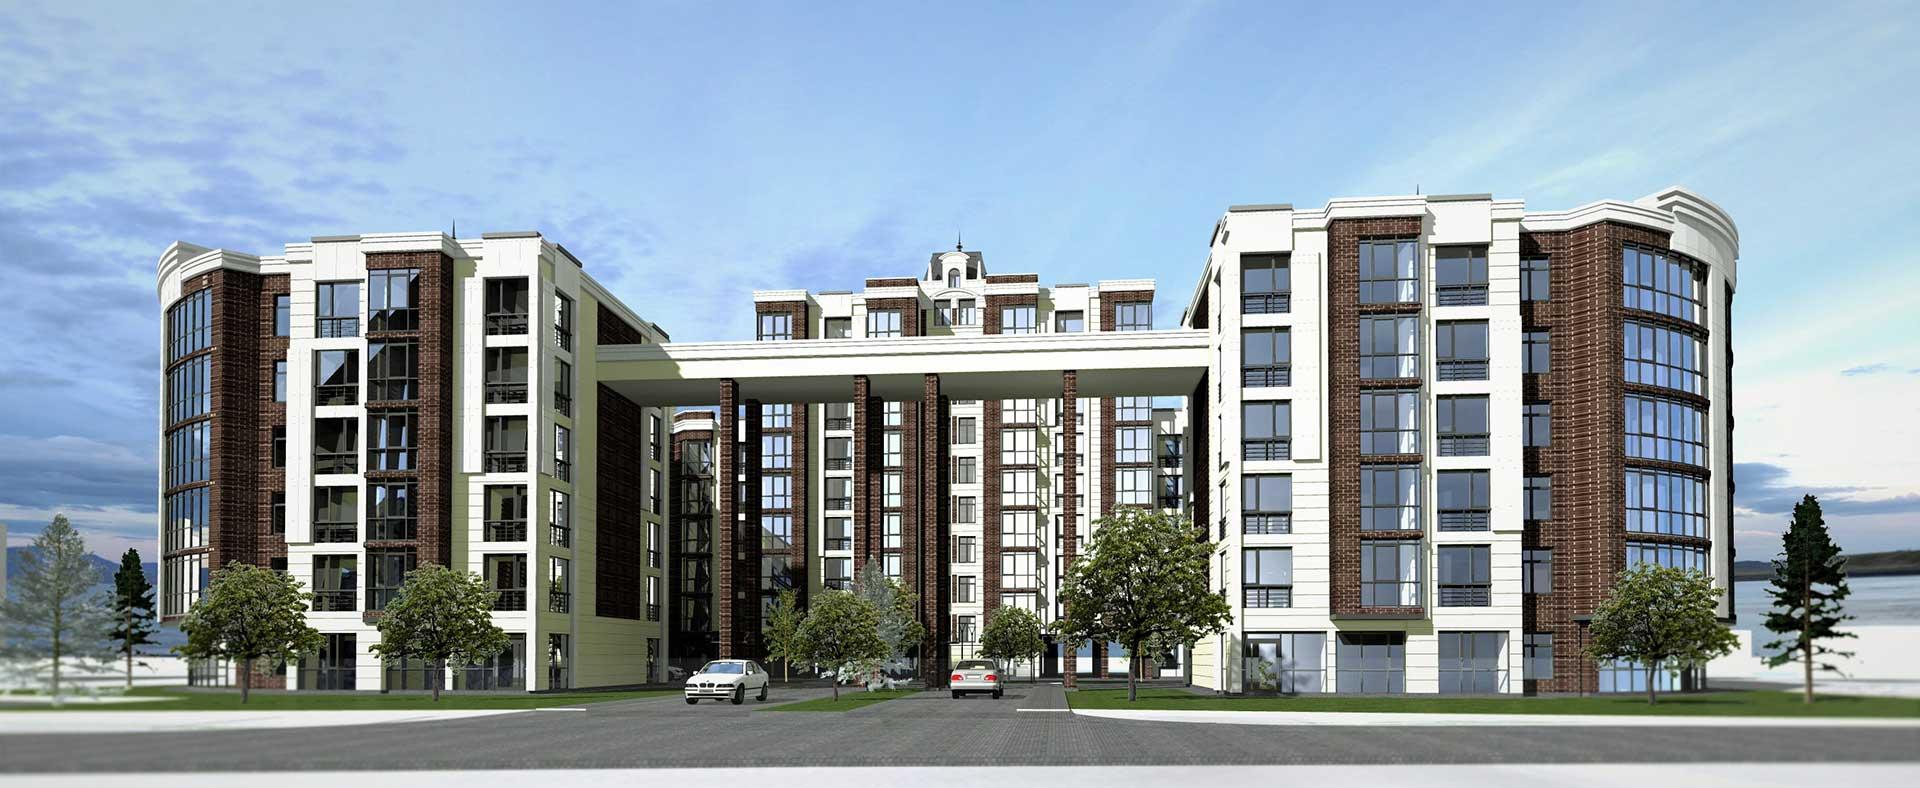 Проектное предложение жилого комплекса по ул. Свердлова в г. Виннице (фото 1)